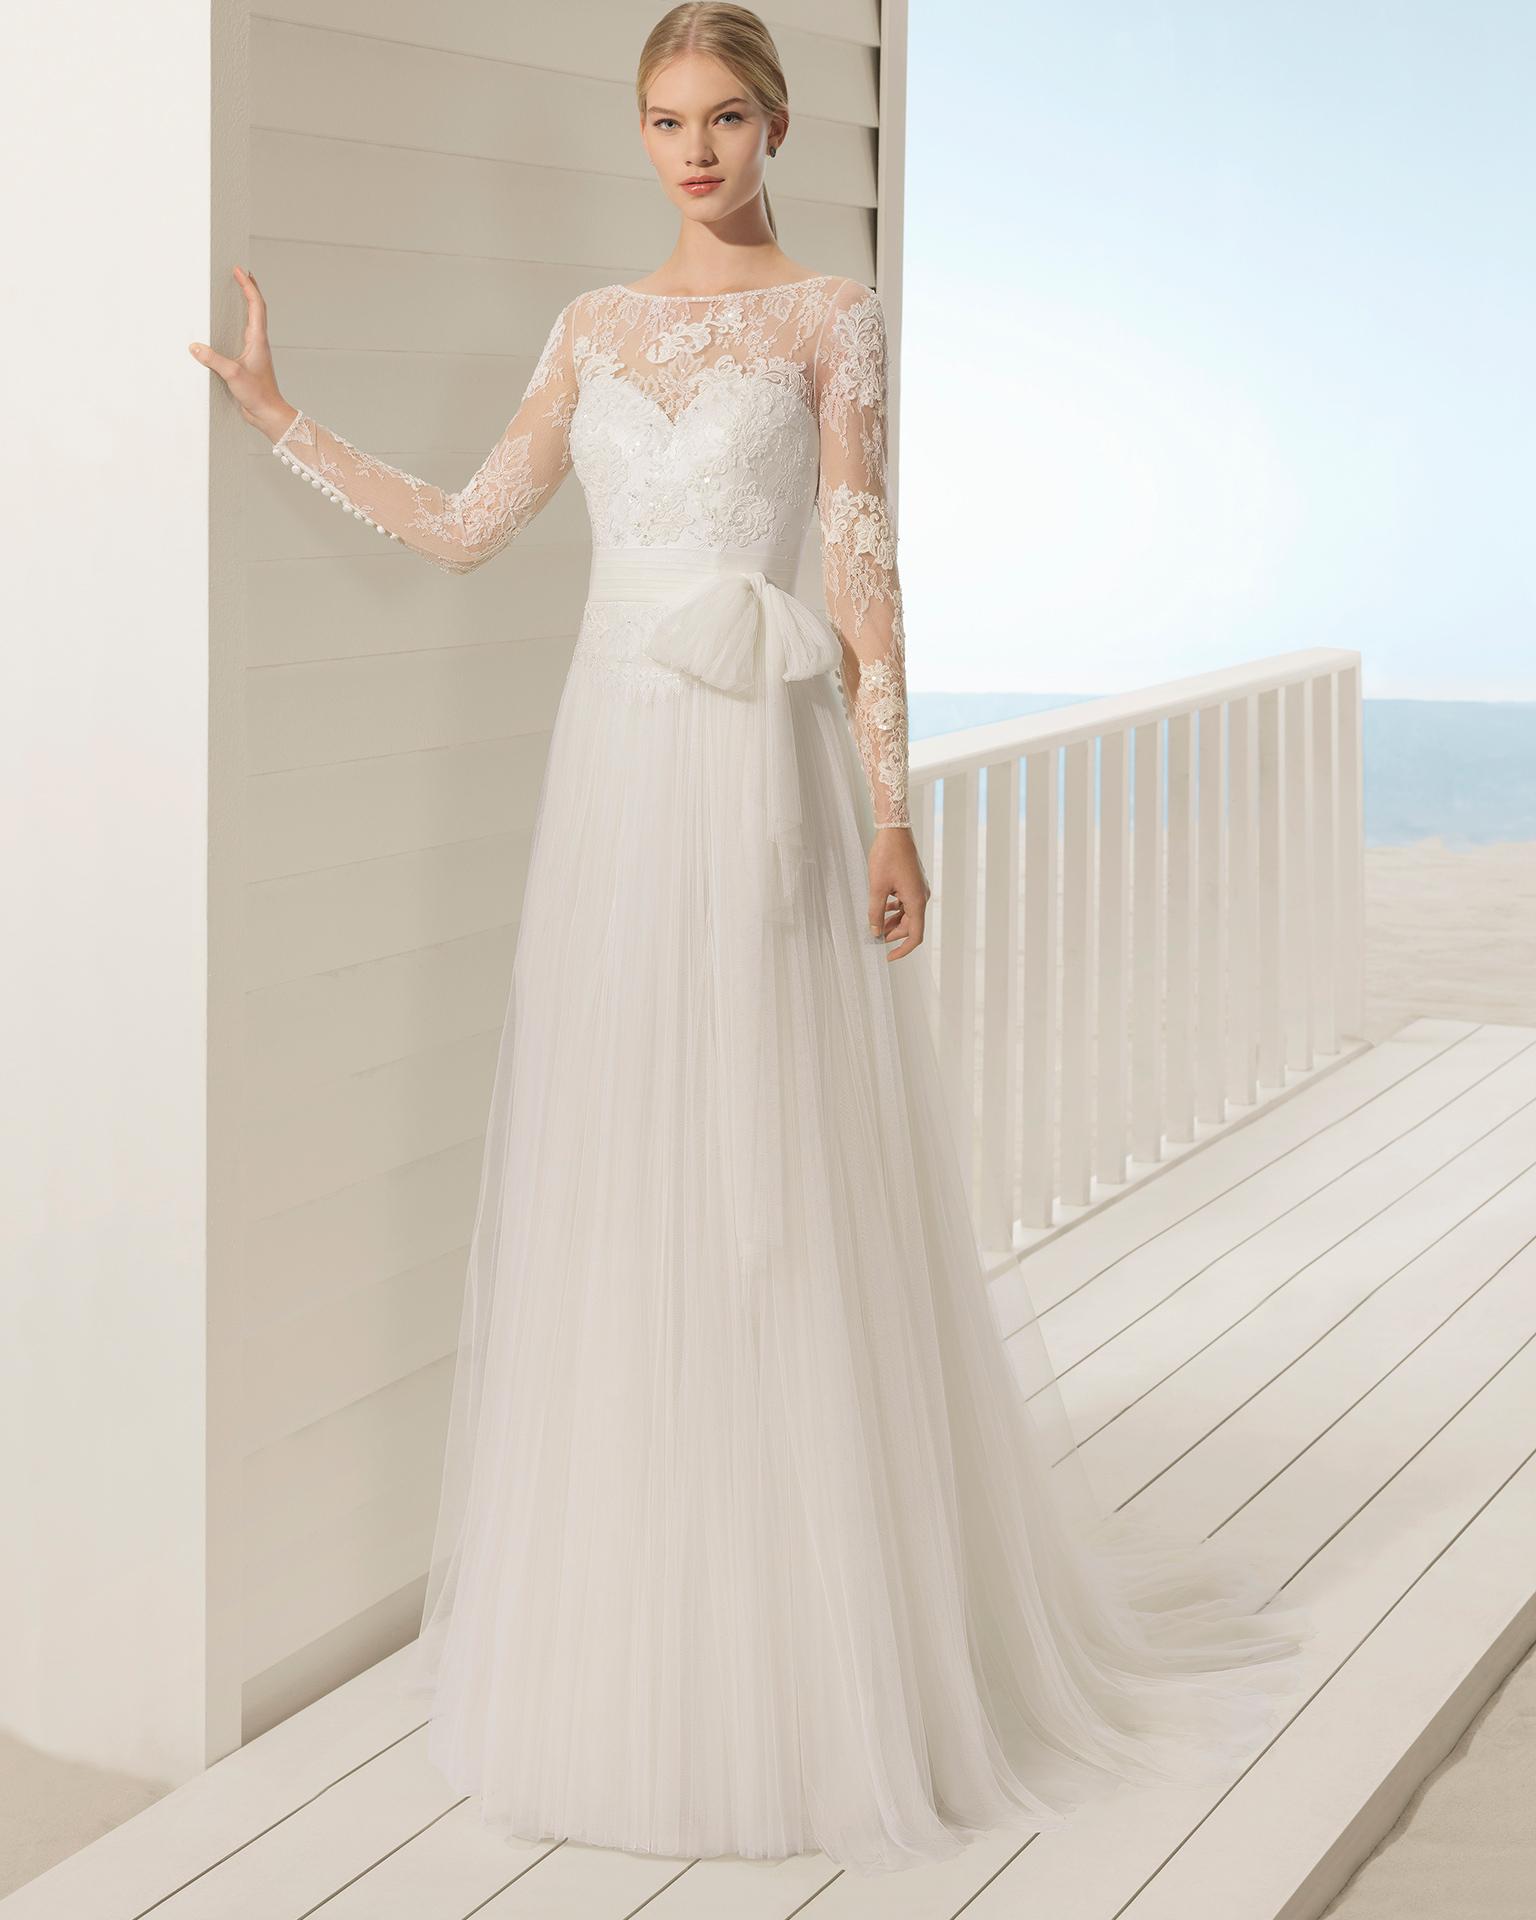 Robe de mariée style trapèze en tulle et dentelle avec pierreries à manches longues. Décolleté dans le dos avec transparences et jupe créant du volume.